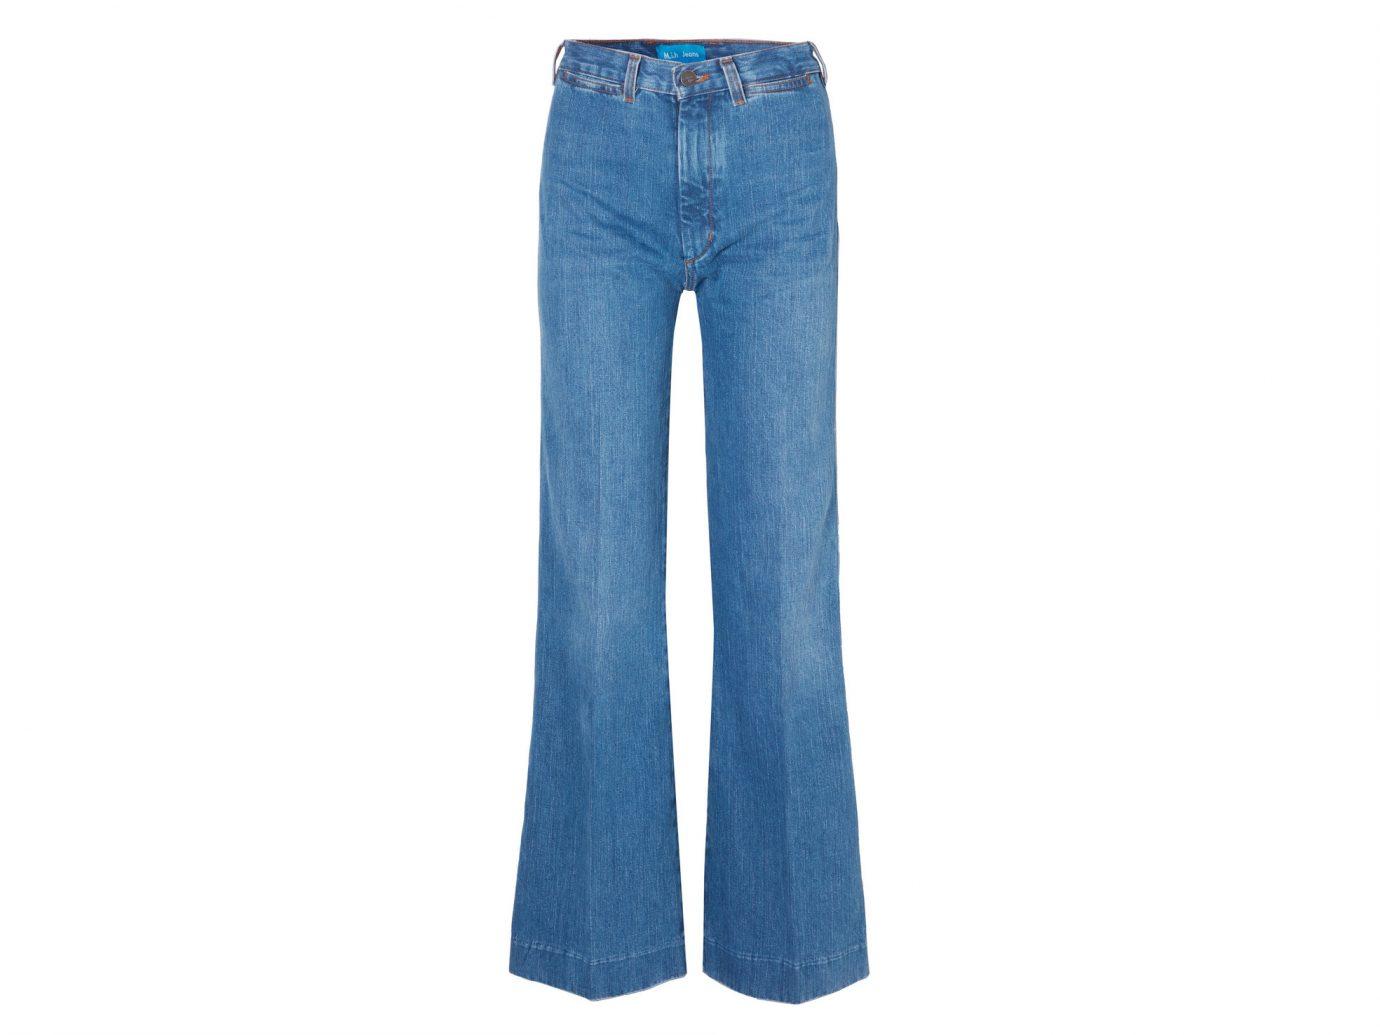 M.I.H JEANS + Bay Garnett Bay high-rise wide-leg jeans